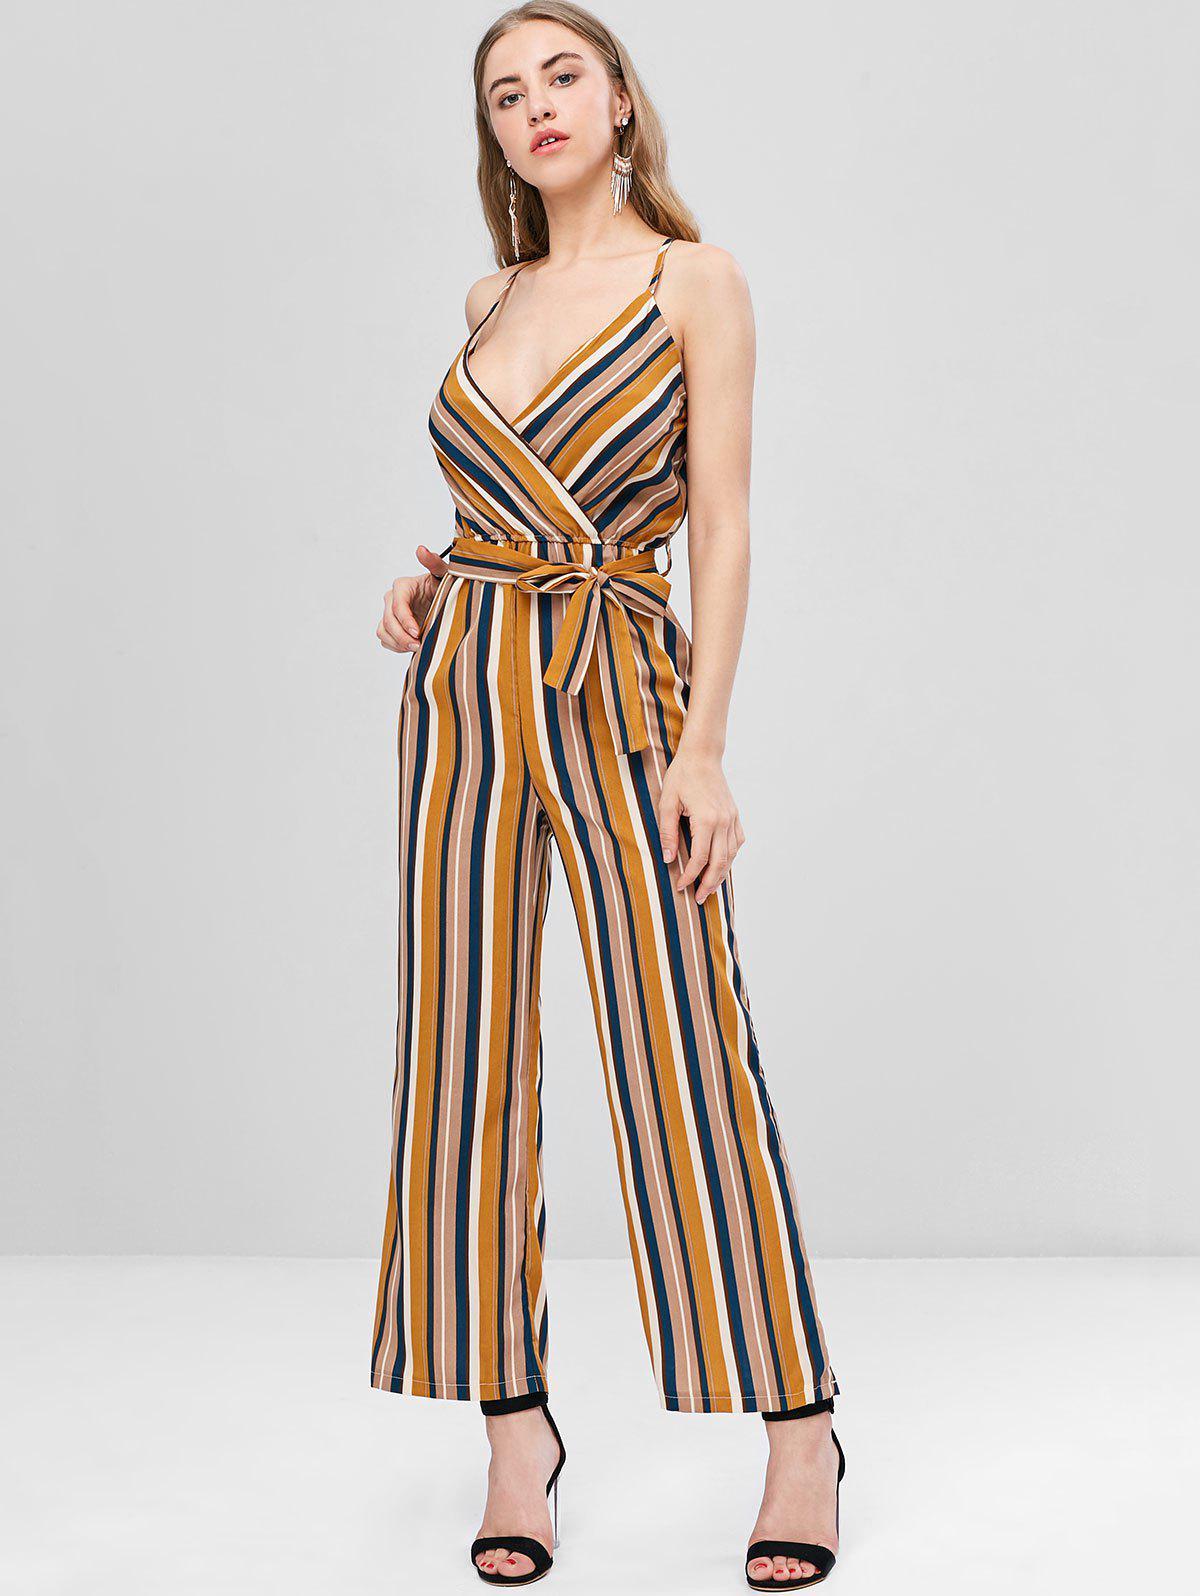 Crossover Striped Cami